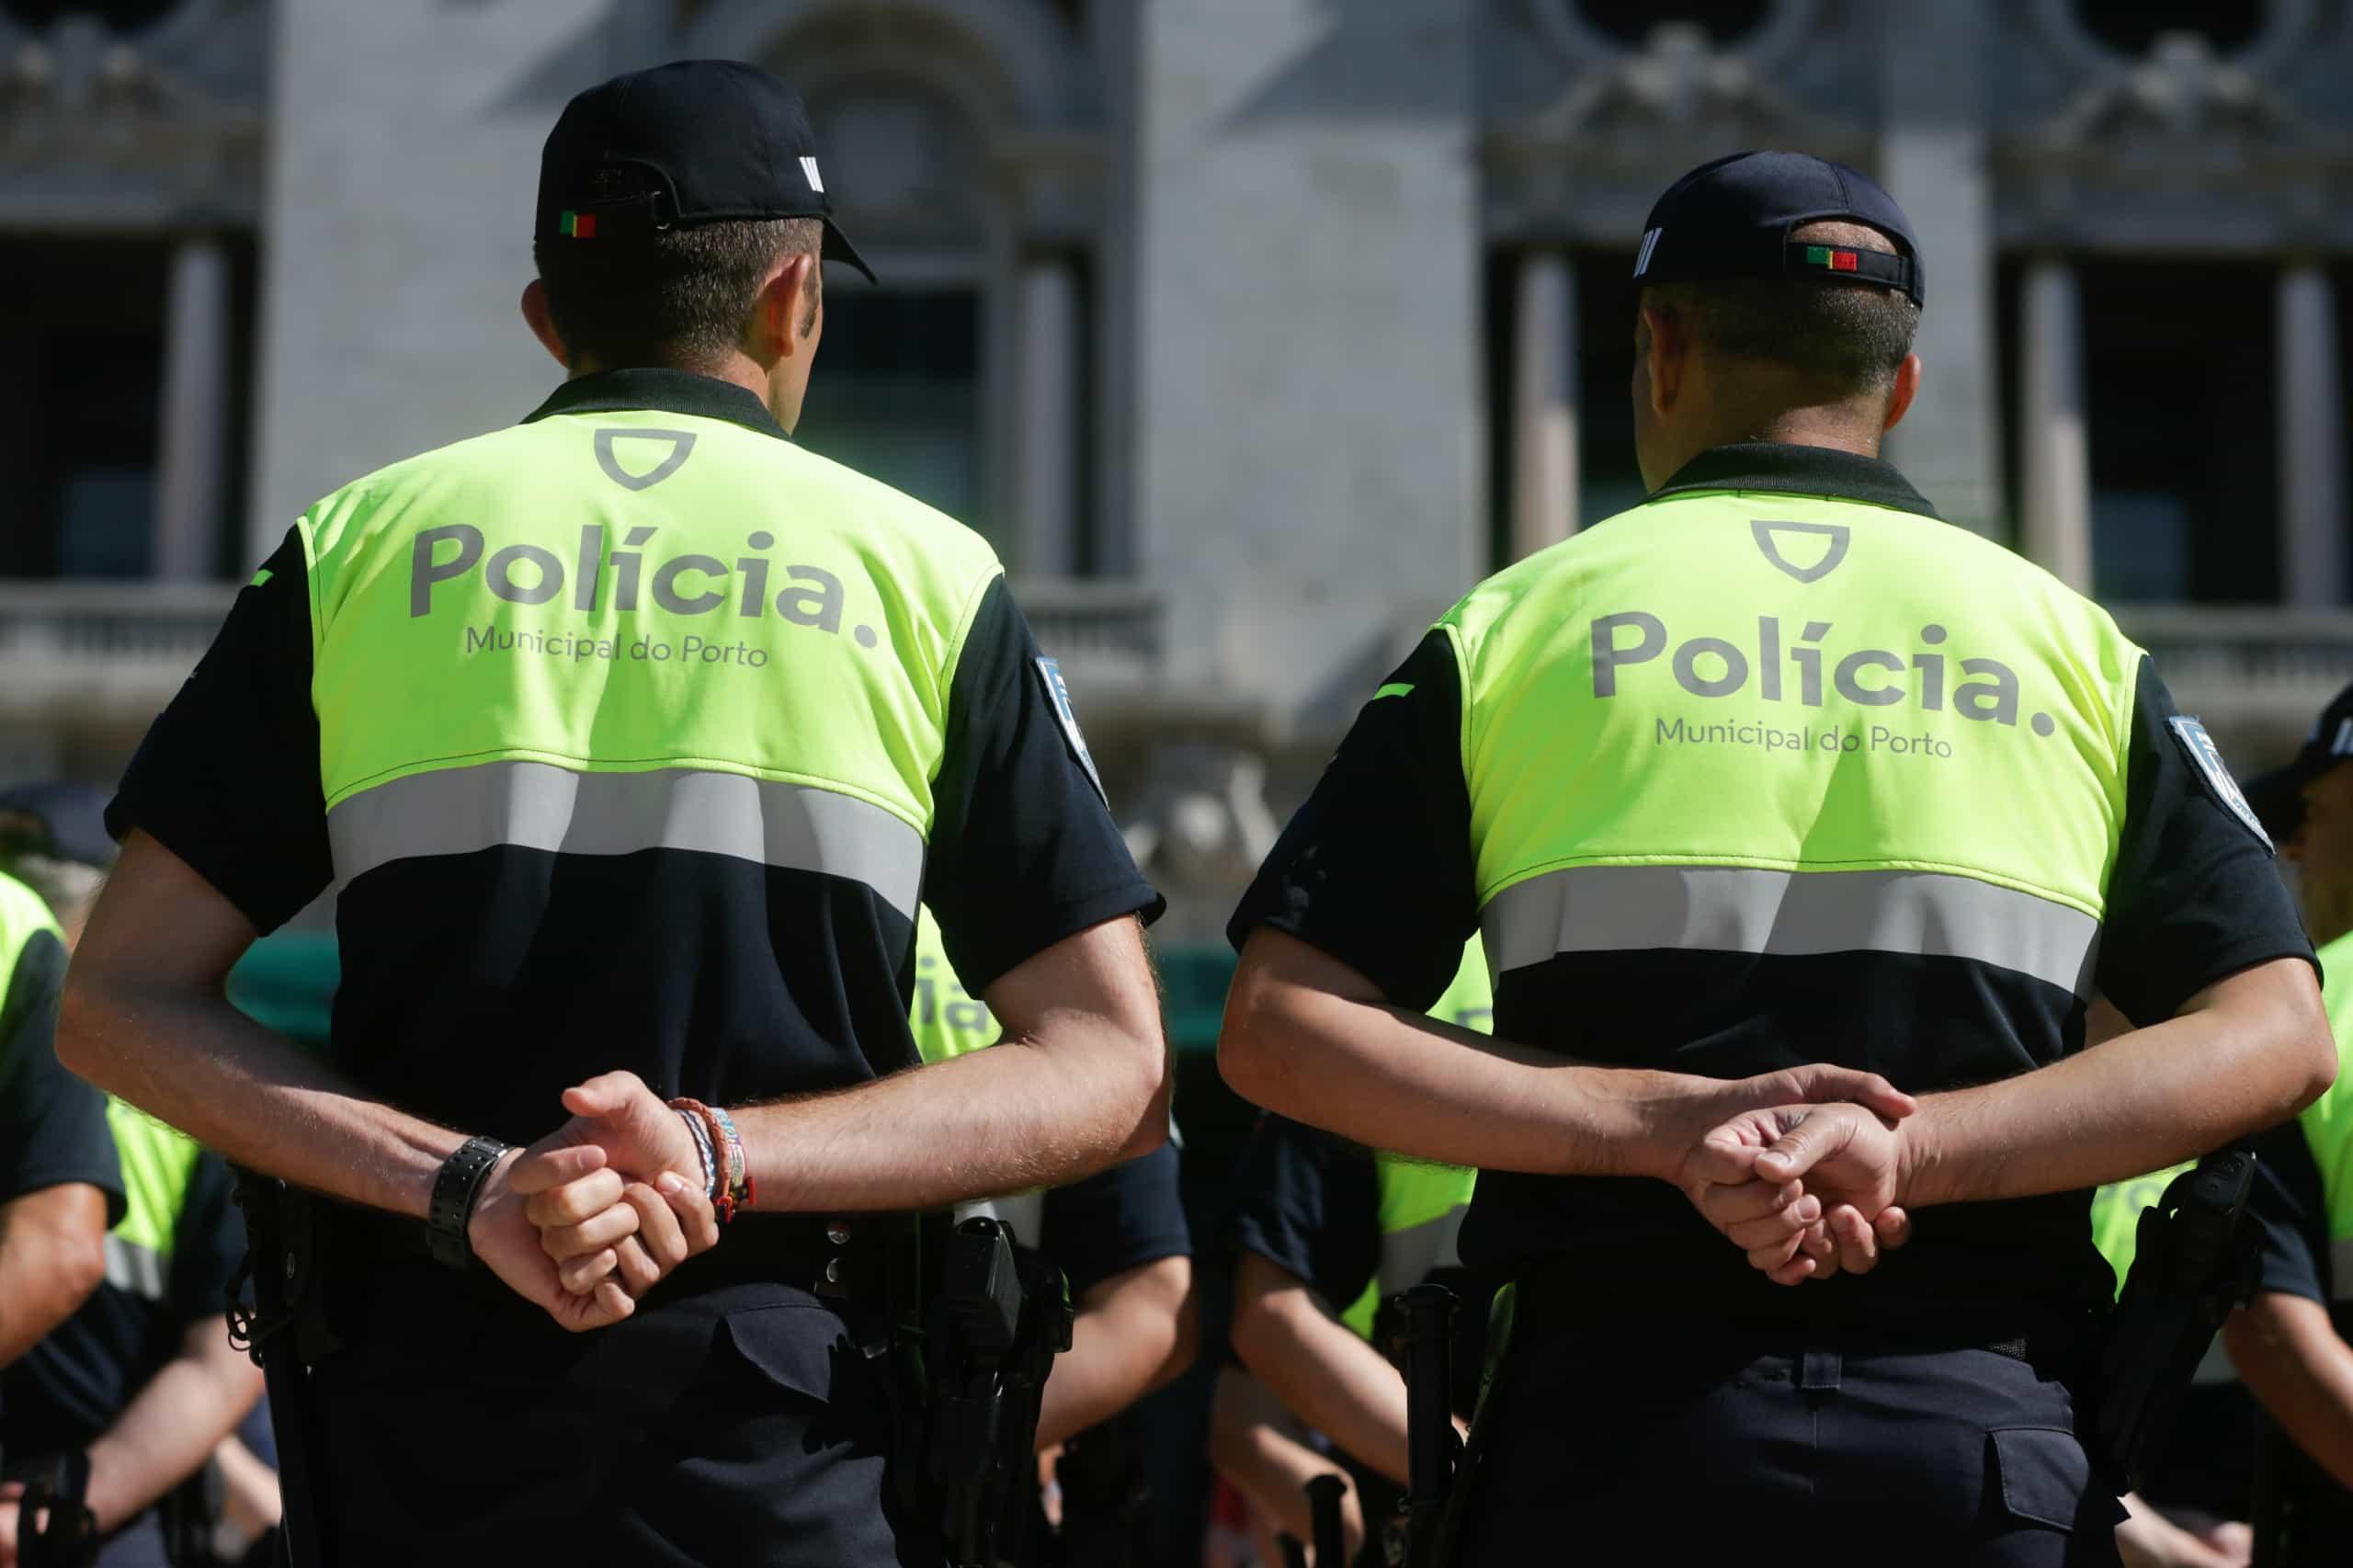 Polícias municipais realizam concentração para pedir estatuto próprio